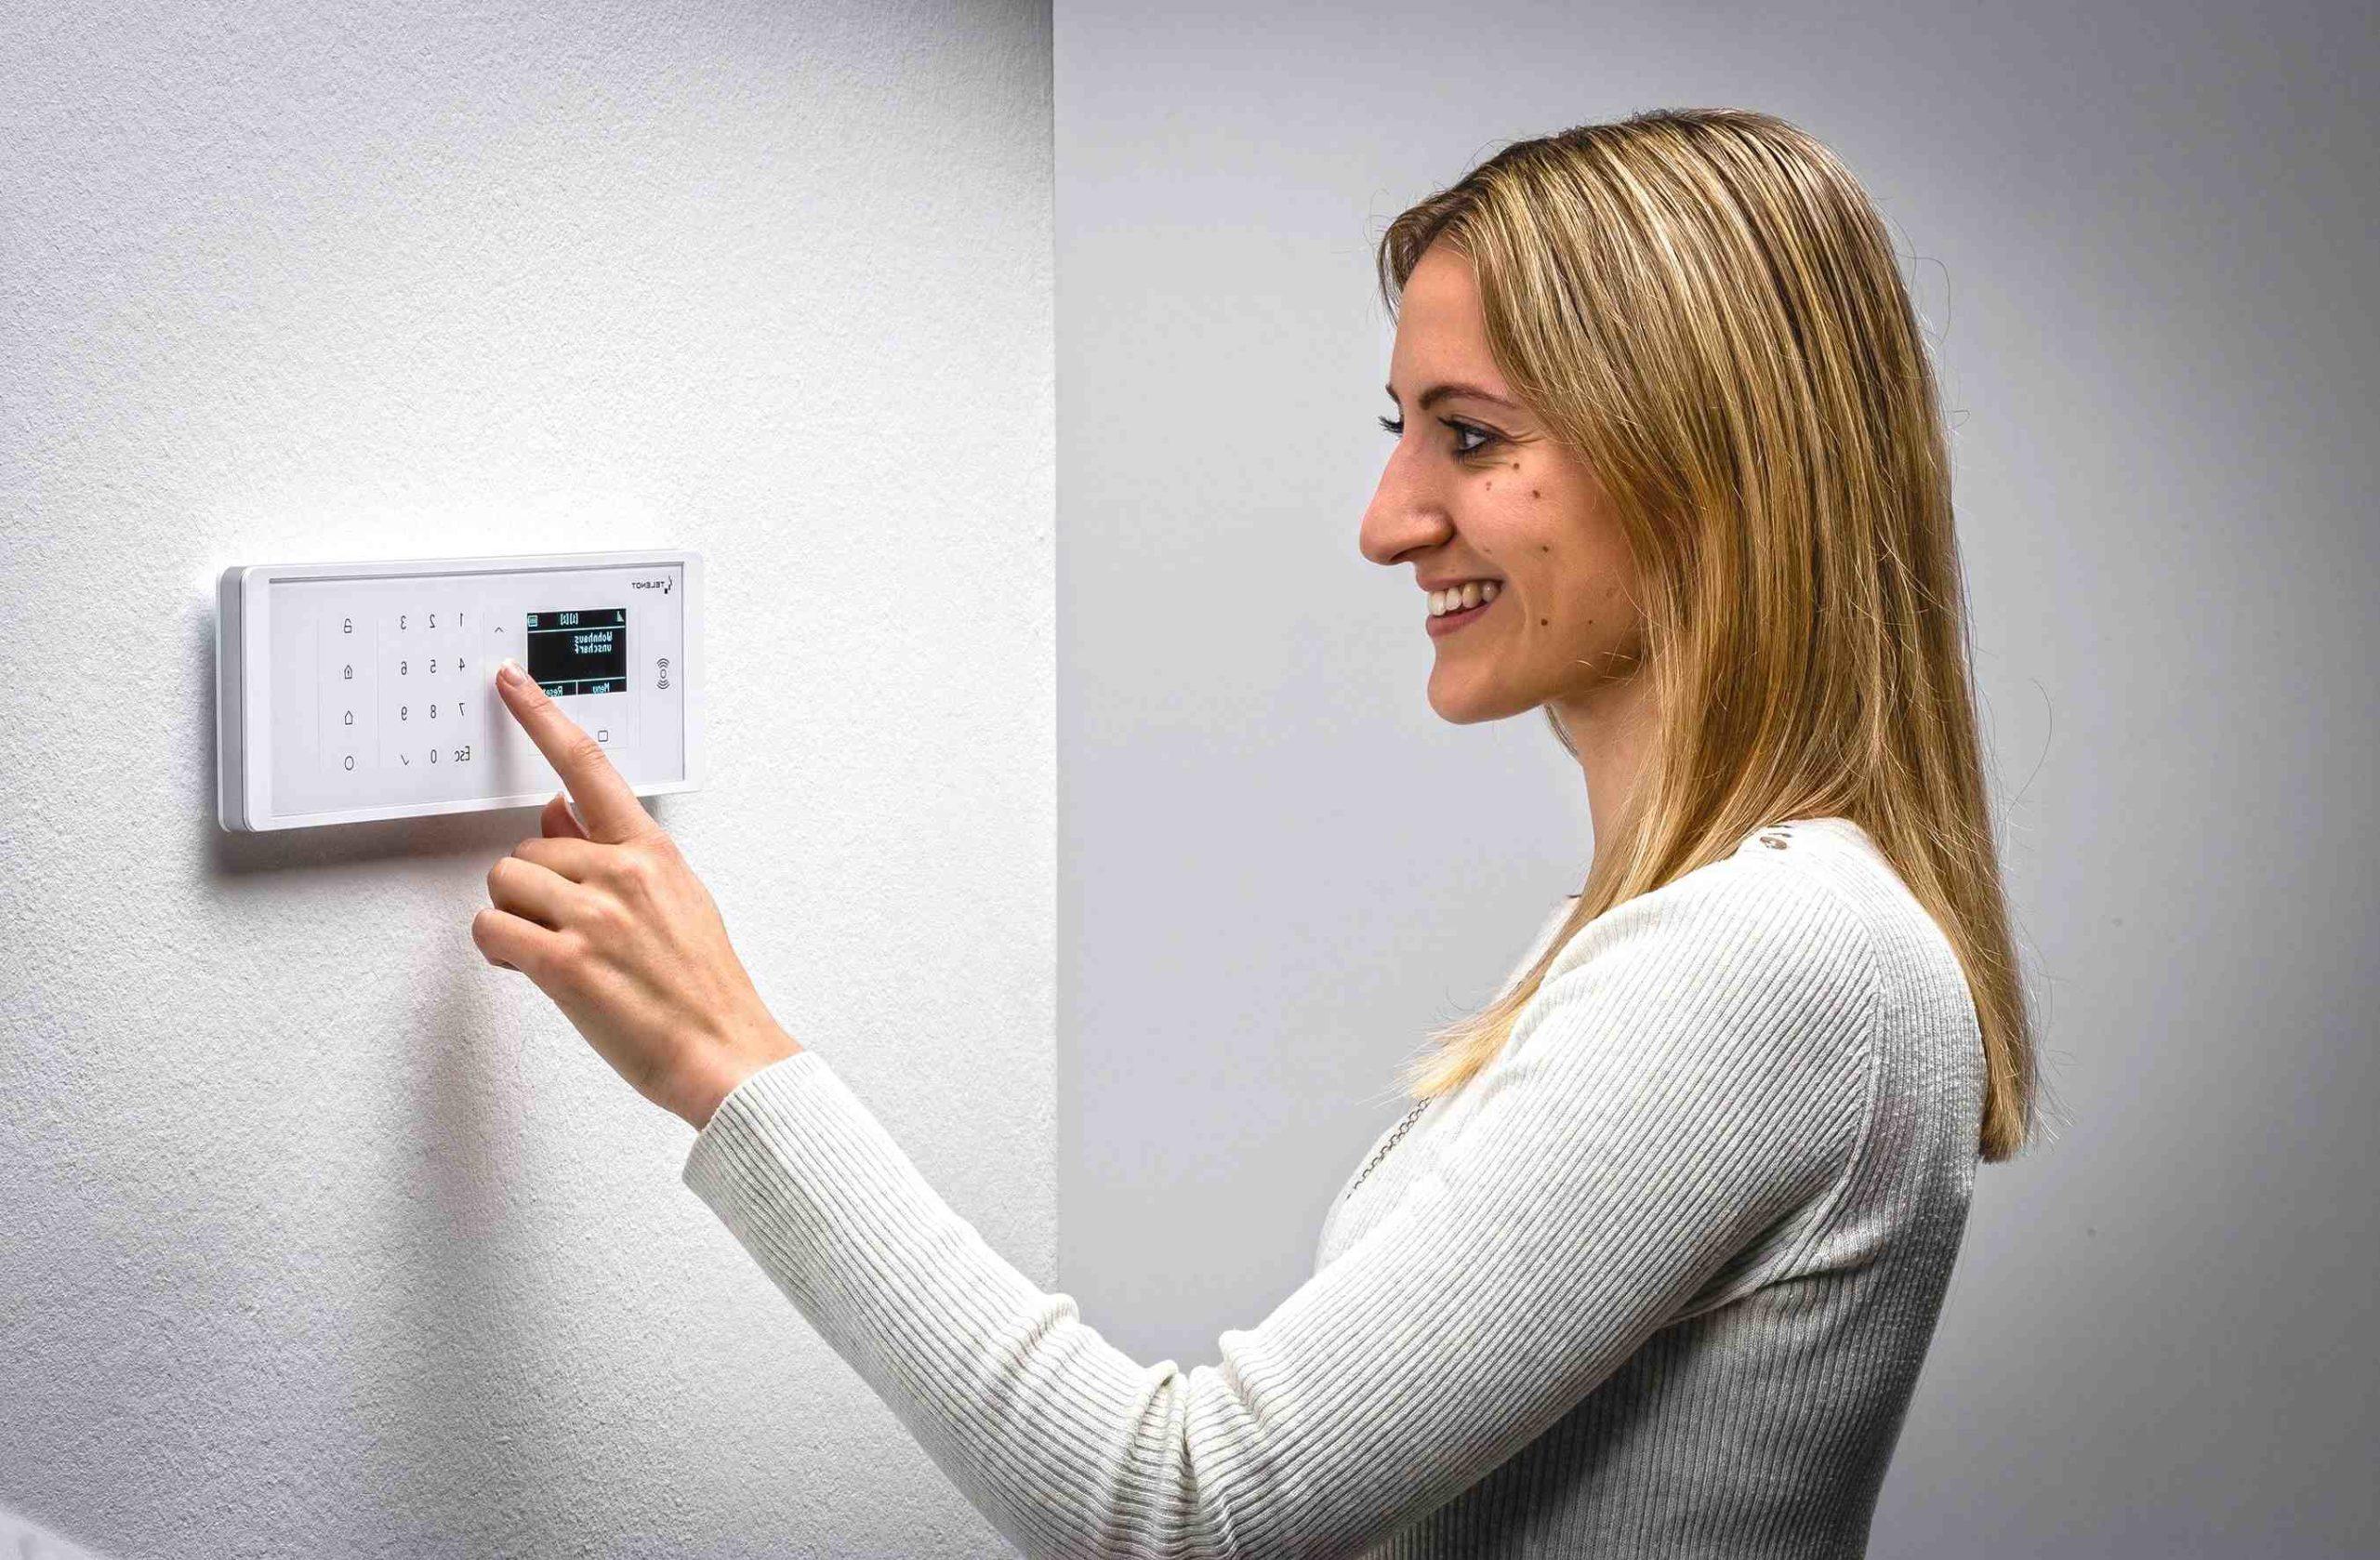 Comment désactiver une alarme de maison ?